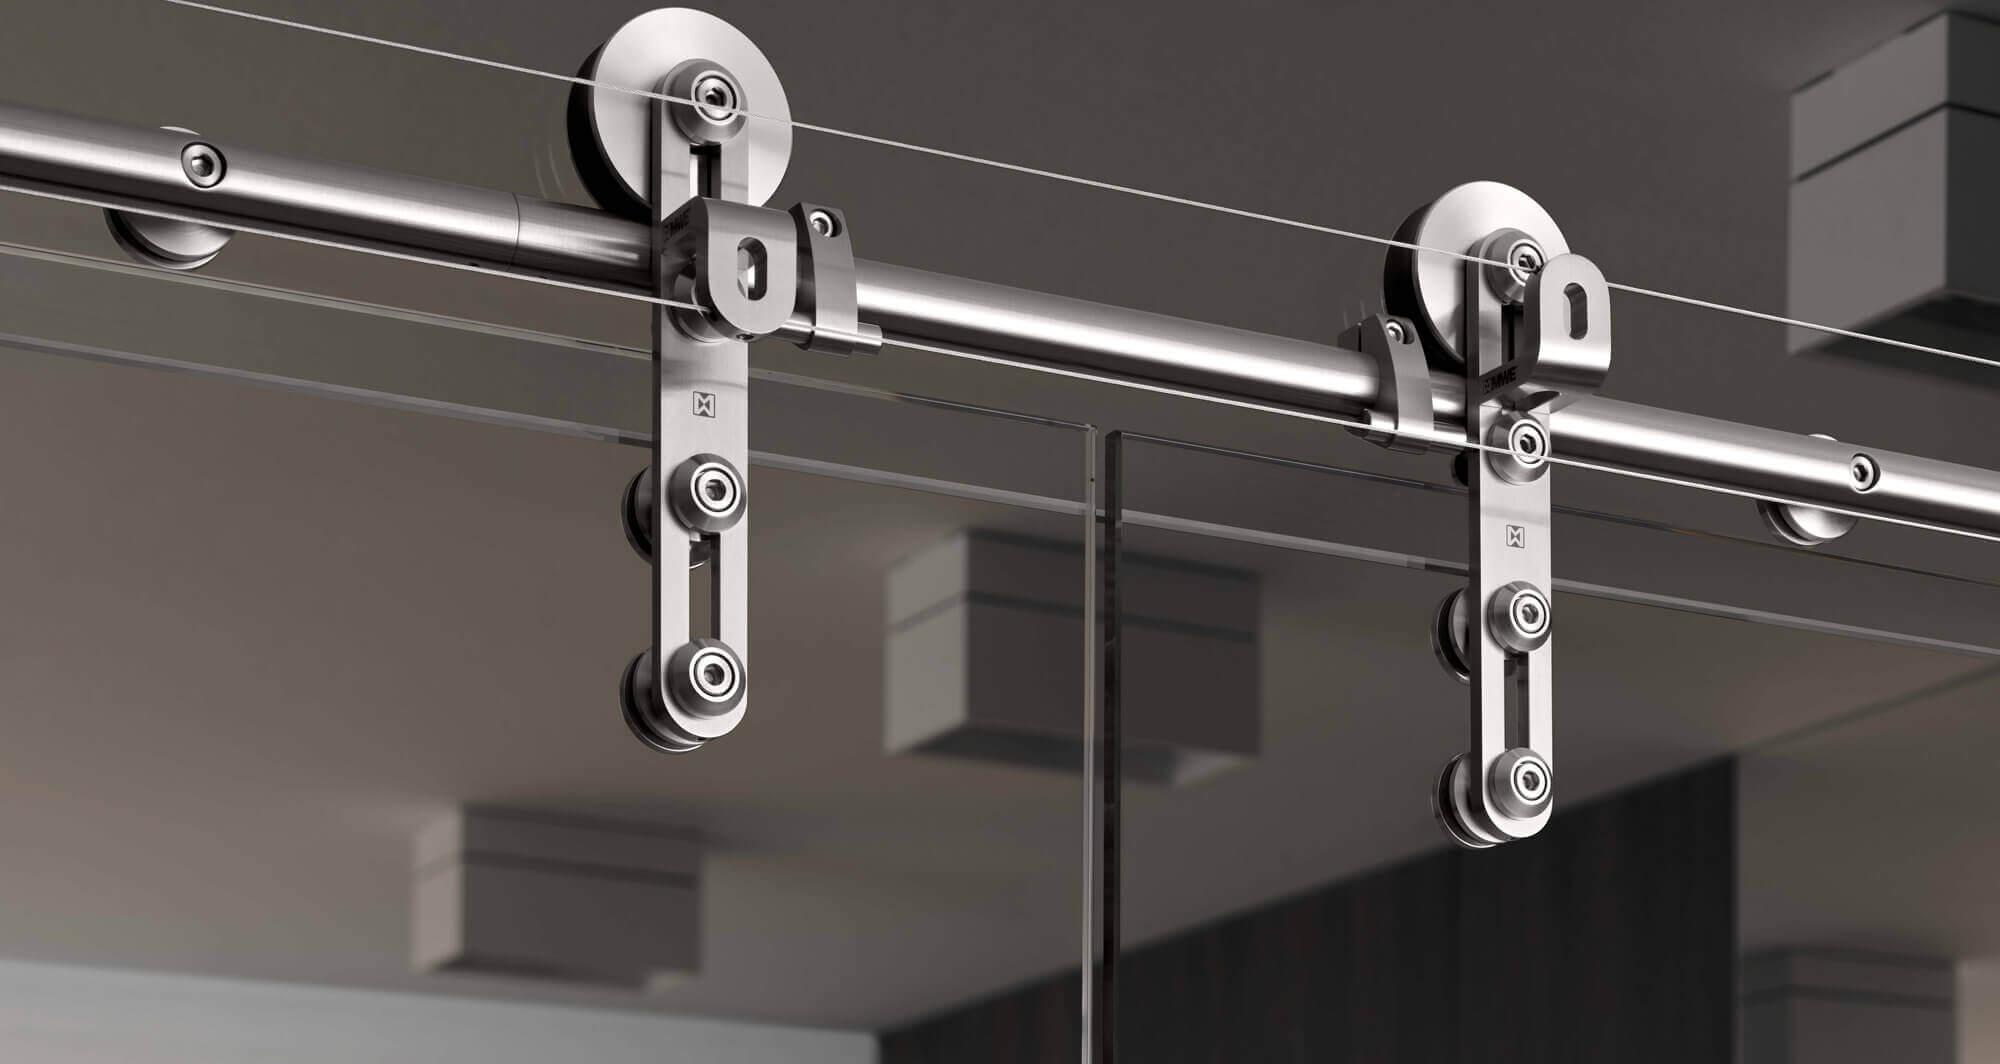 glasduschen und glast ren mit edelstahl beschl gen. Black Bedroom Furniture Sets. Home Design Ideas